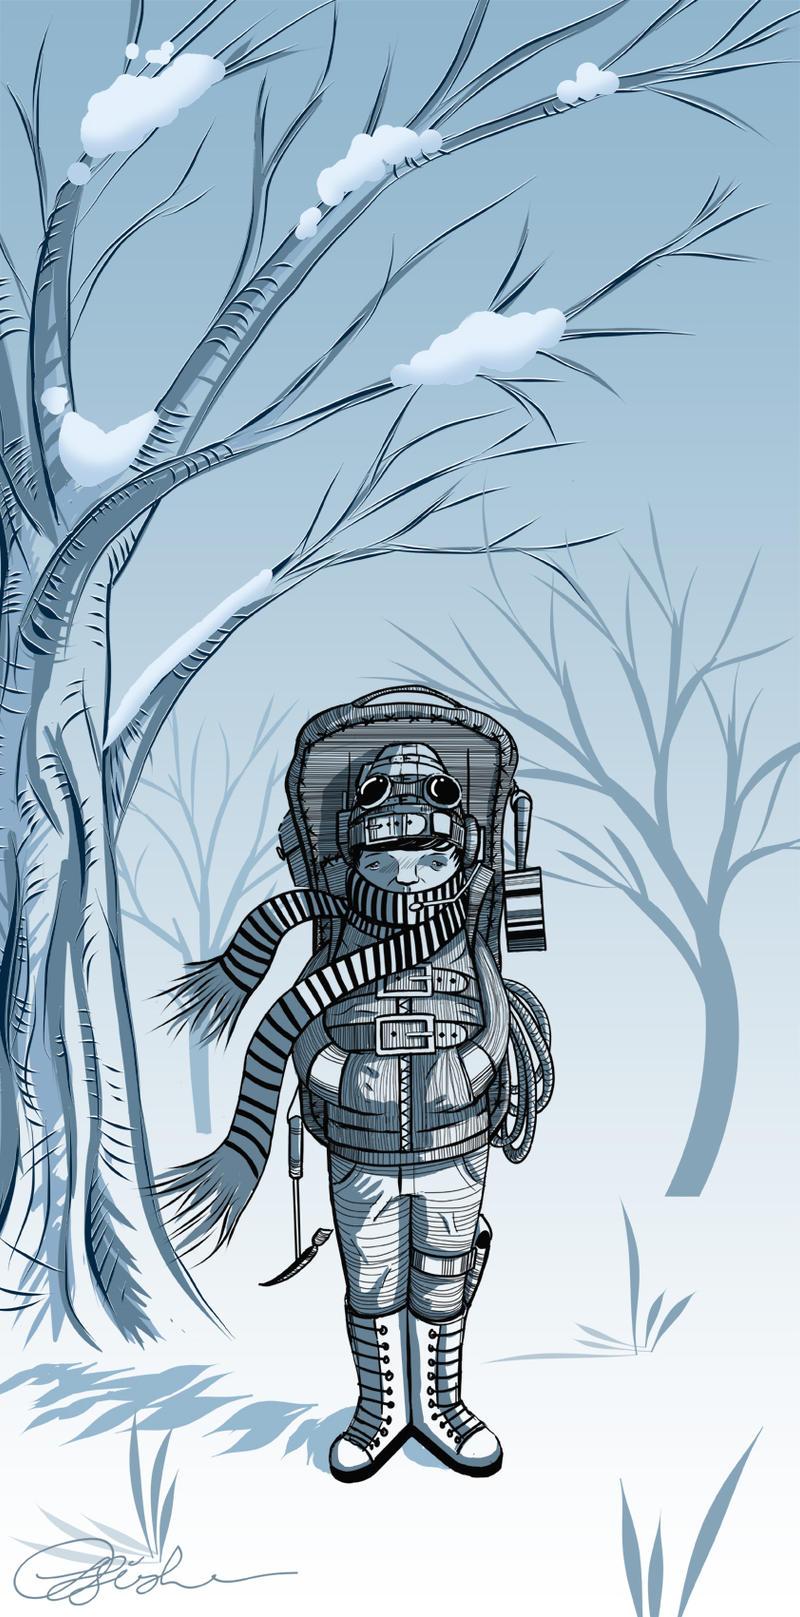 Snowman by wokjow